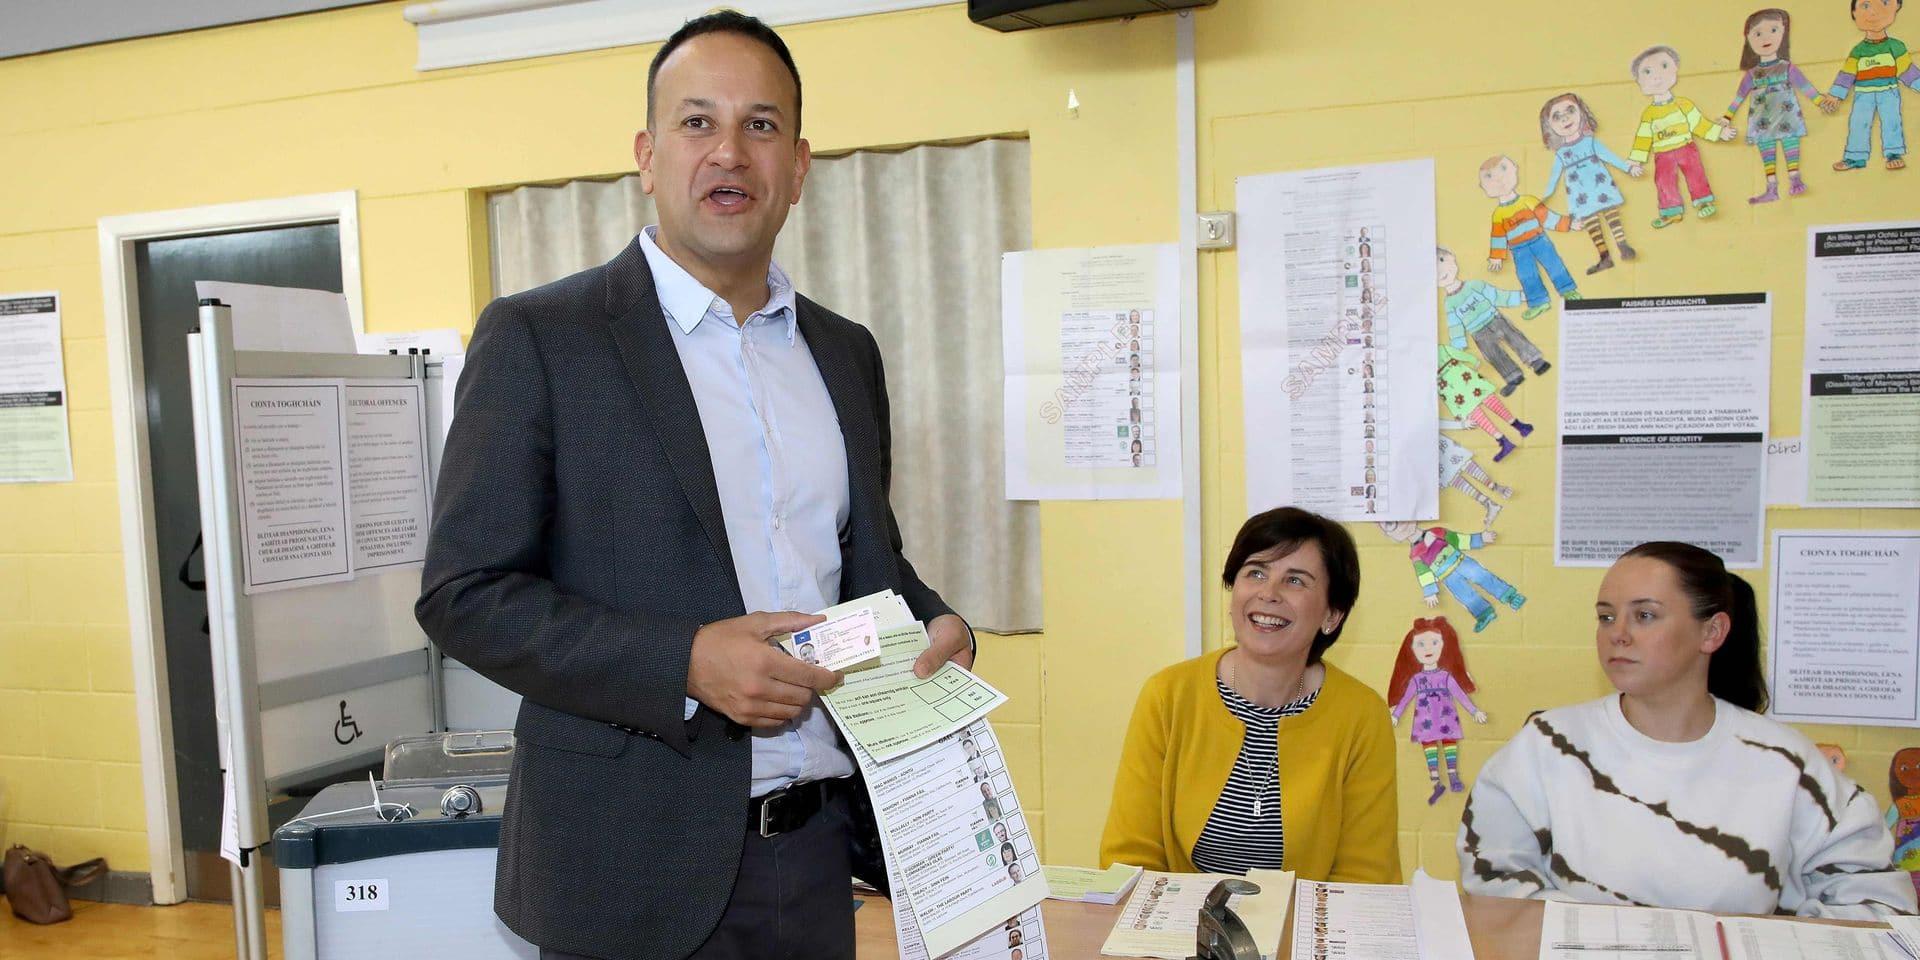 Elections 2019: en Irlande, les pro-UE sont en tête selon un premier sondage